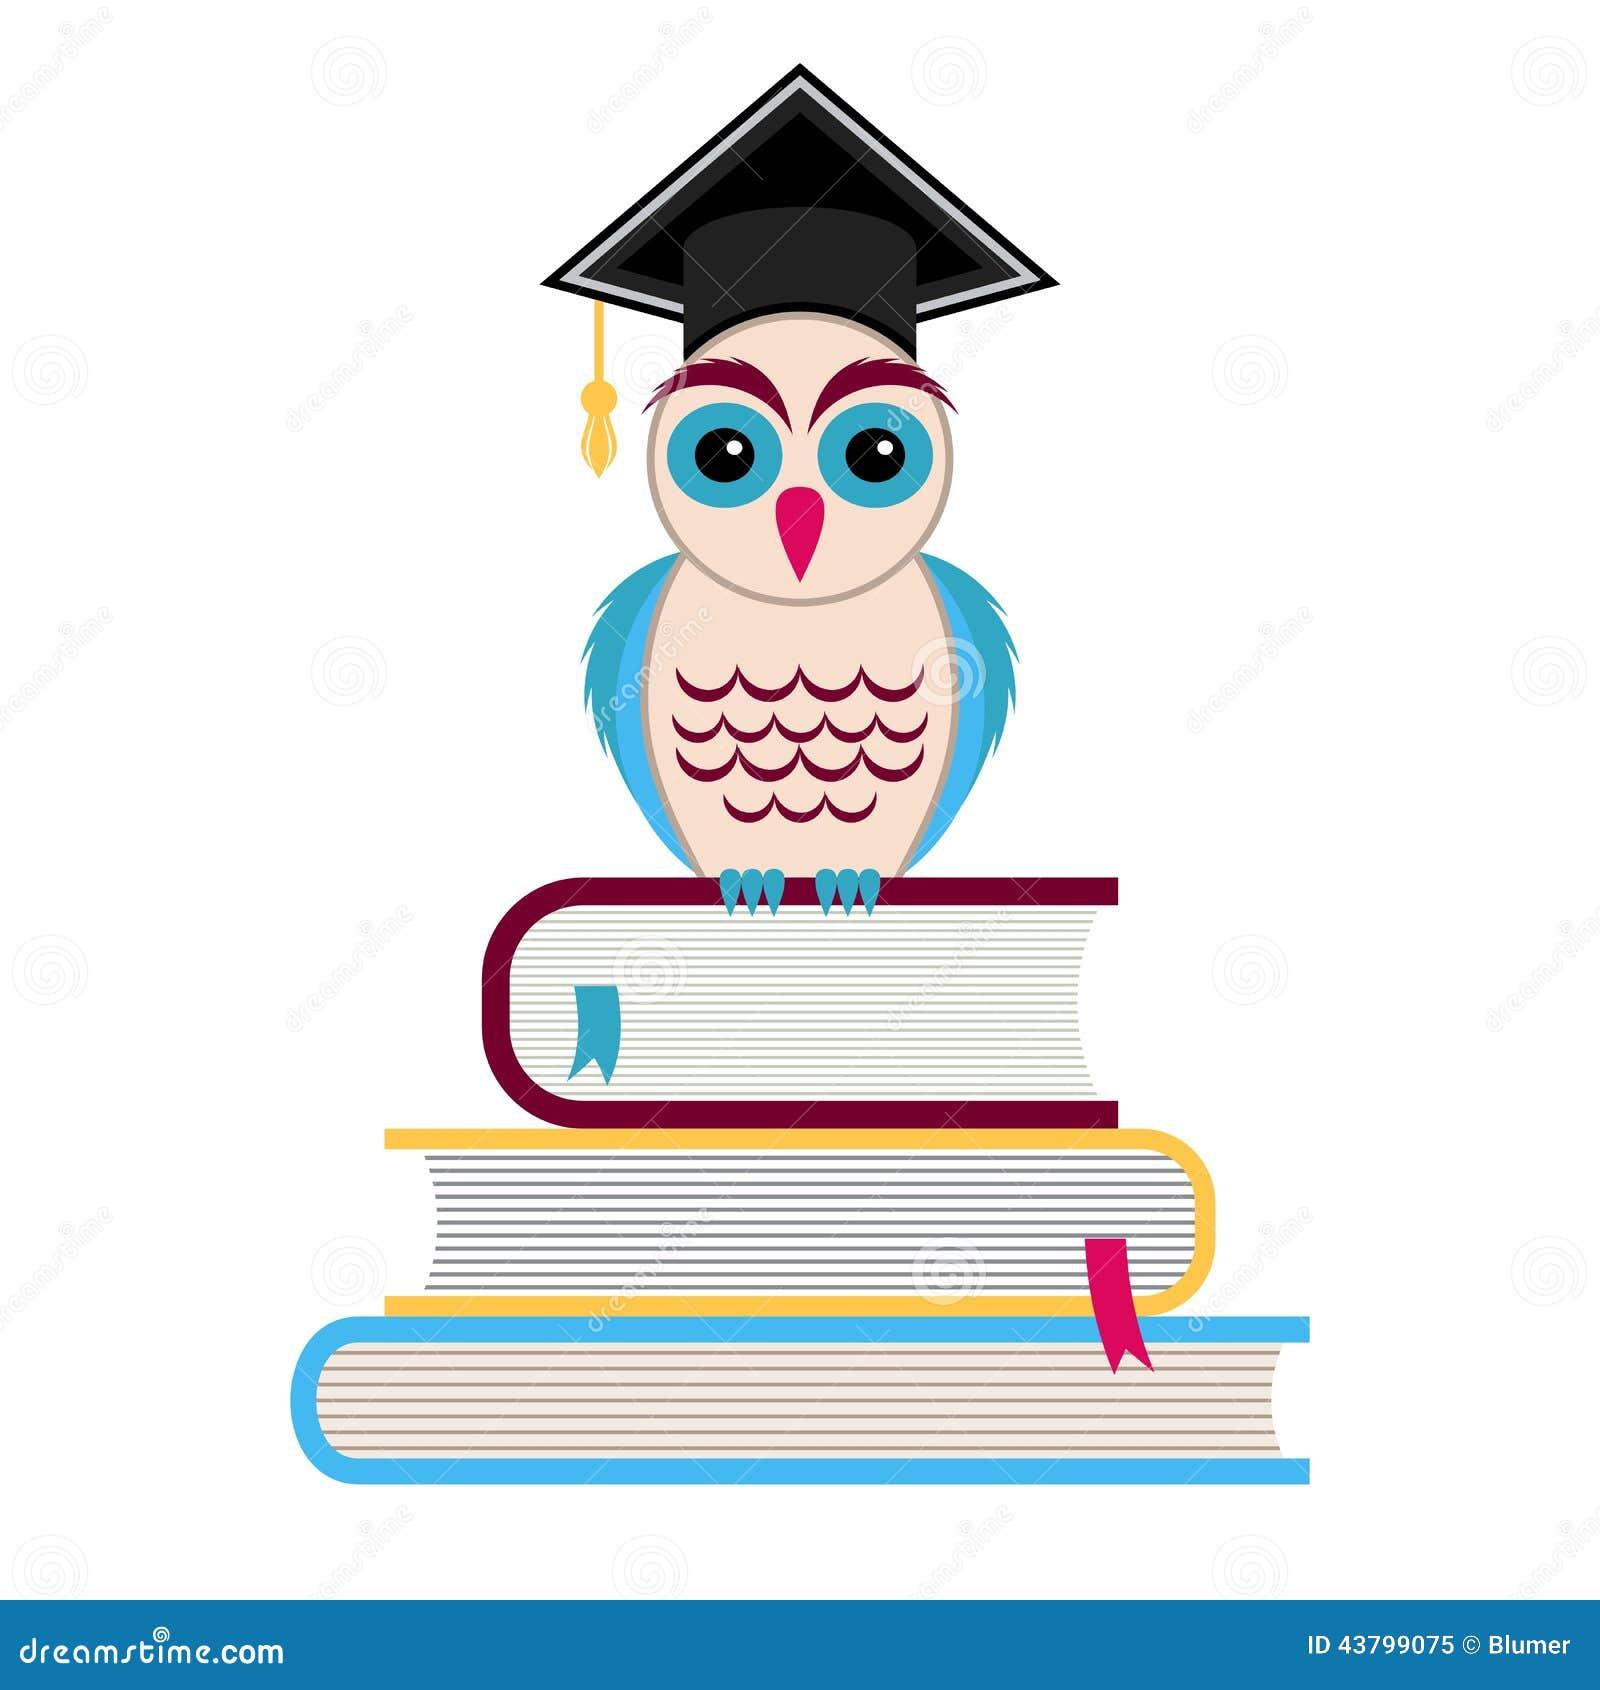 3cda74145d8 Buho de graduación ilustraciones stock vectores clipart – jpg 1300x1390  Mujer dibujos de buhos graduacion